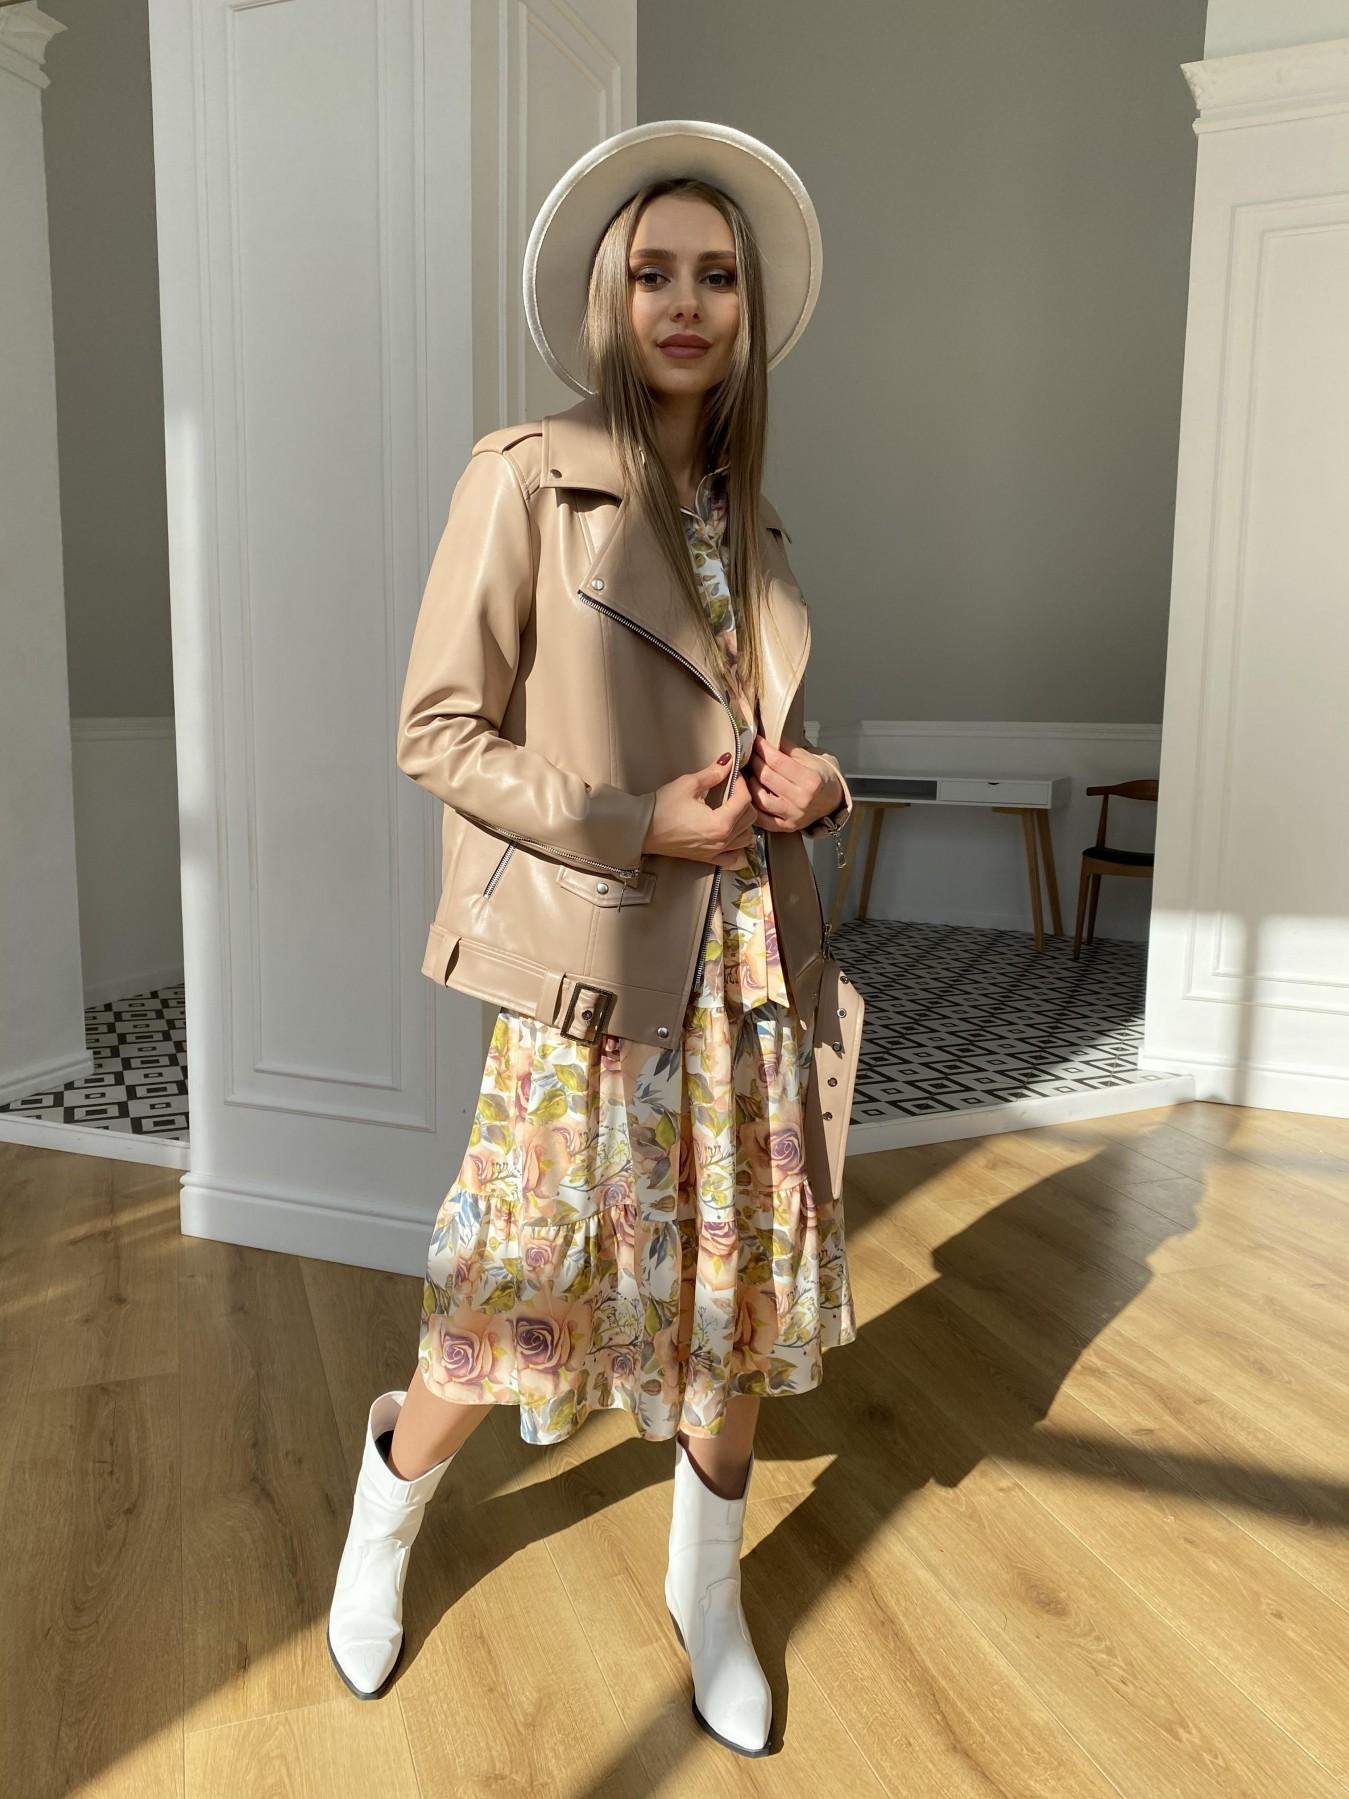 Лилия платье  софт принт бистрейч 11171 АРТ. 47666 Цвет: КрупРозаМолок/Персик - фото 6, интернет магазин tm-modus.ru